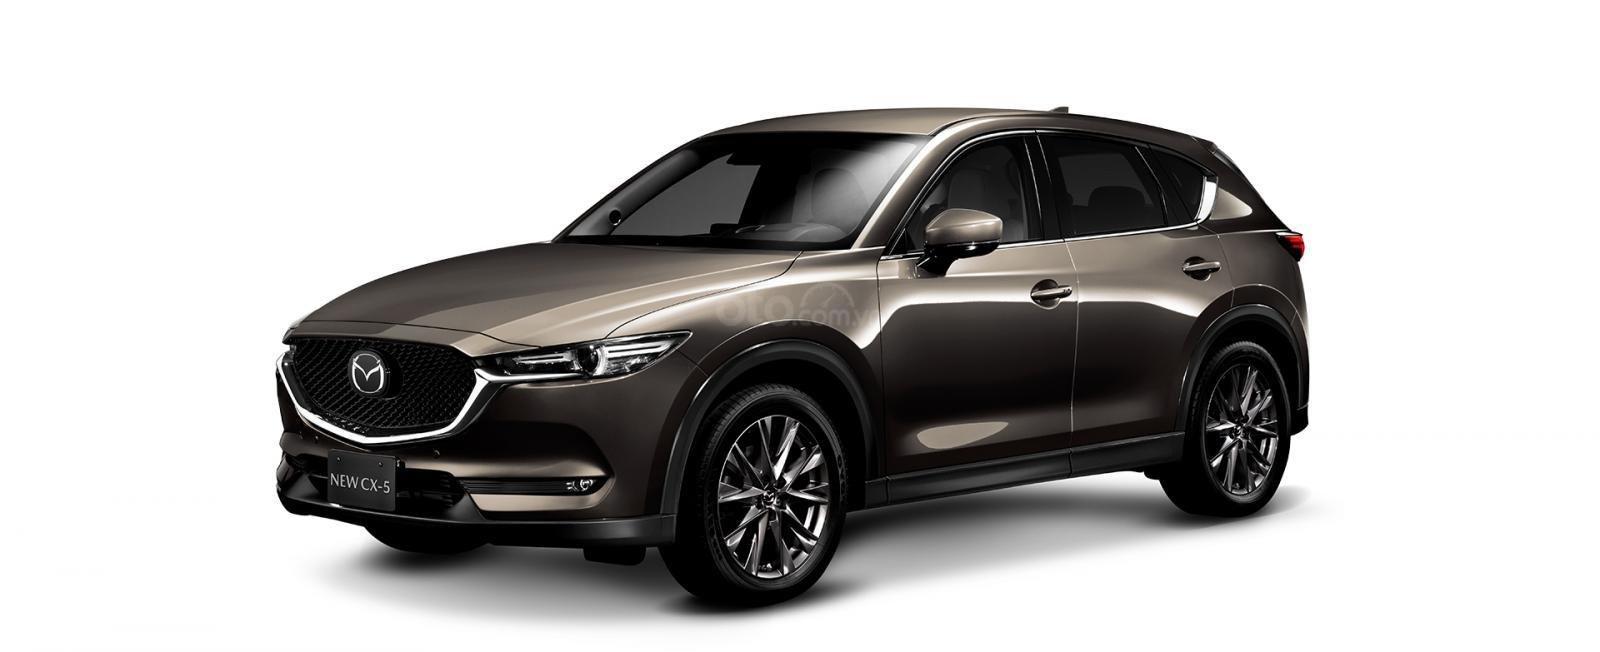 Đánh giá xe Mazda CX-5 2019: Màu Nâu.